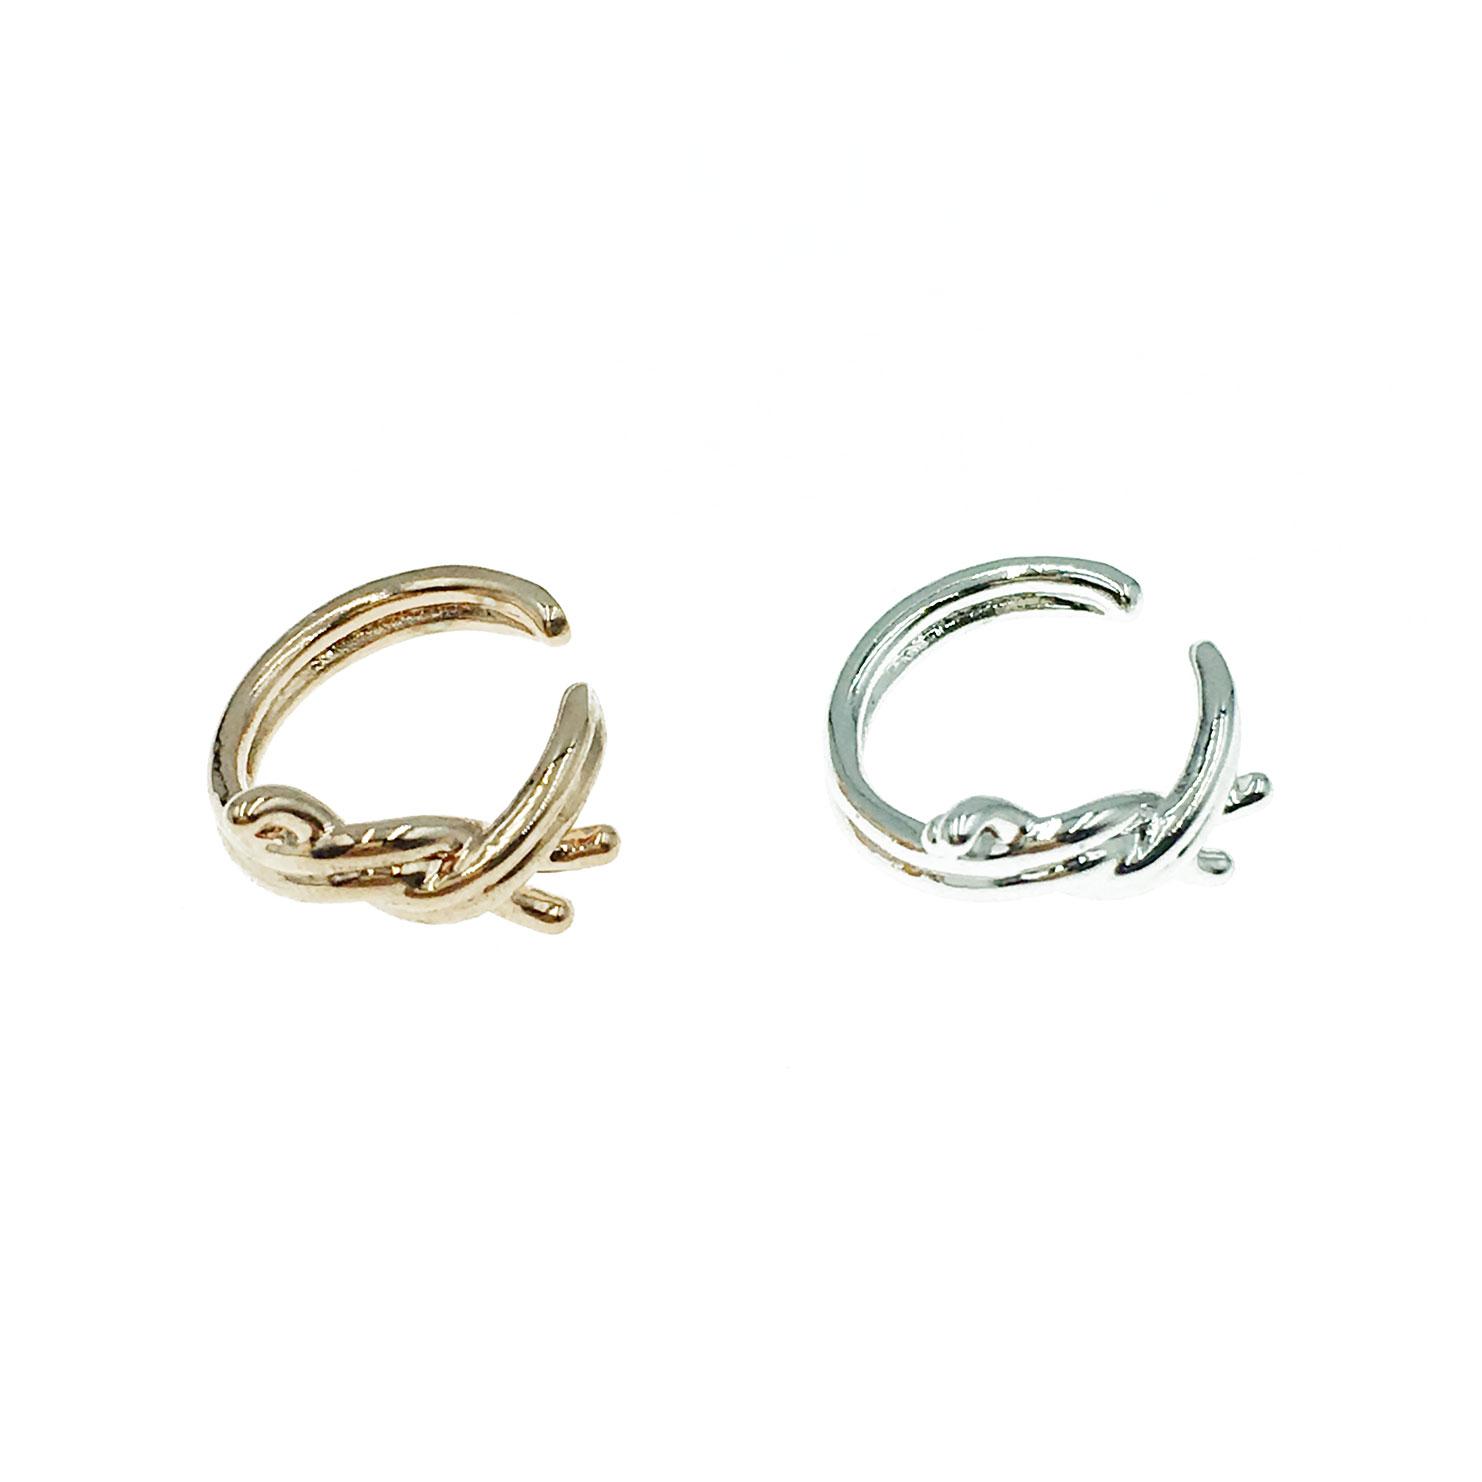 韓國 交錯結 簡約 兩色 耳骨夾 耳環